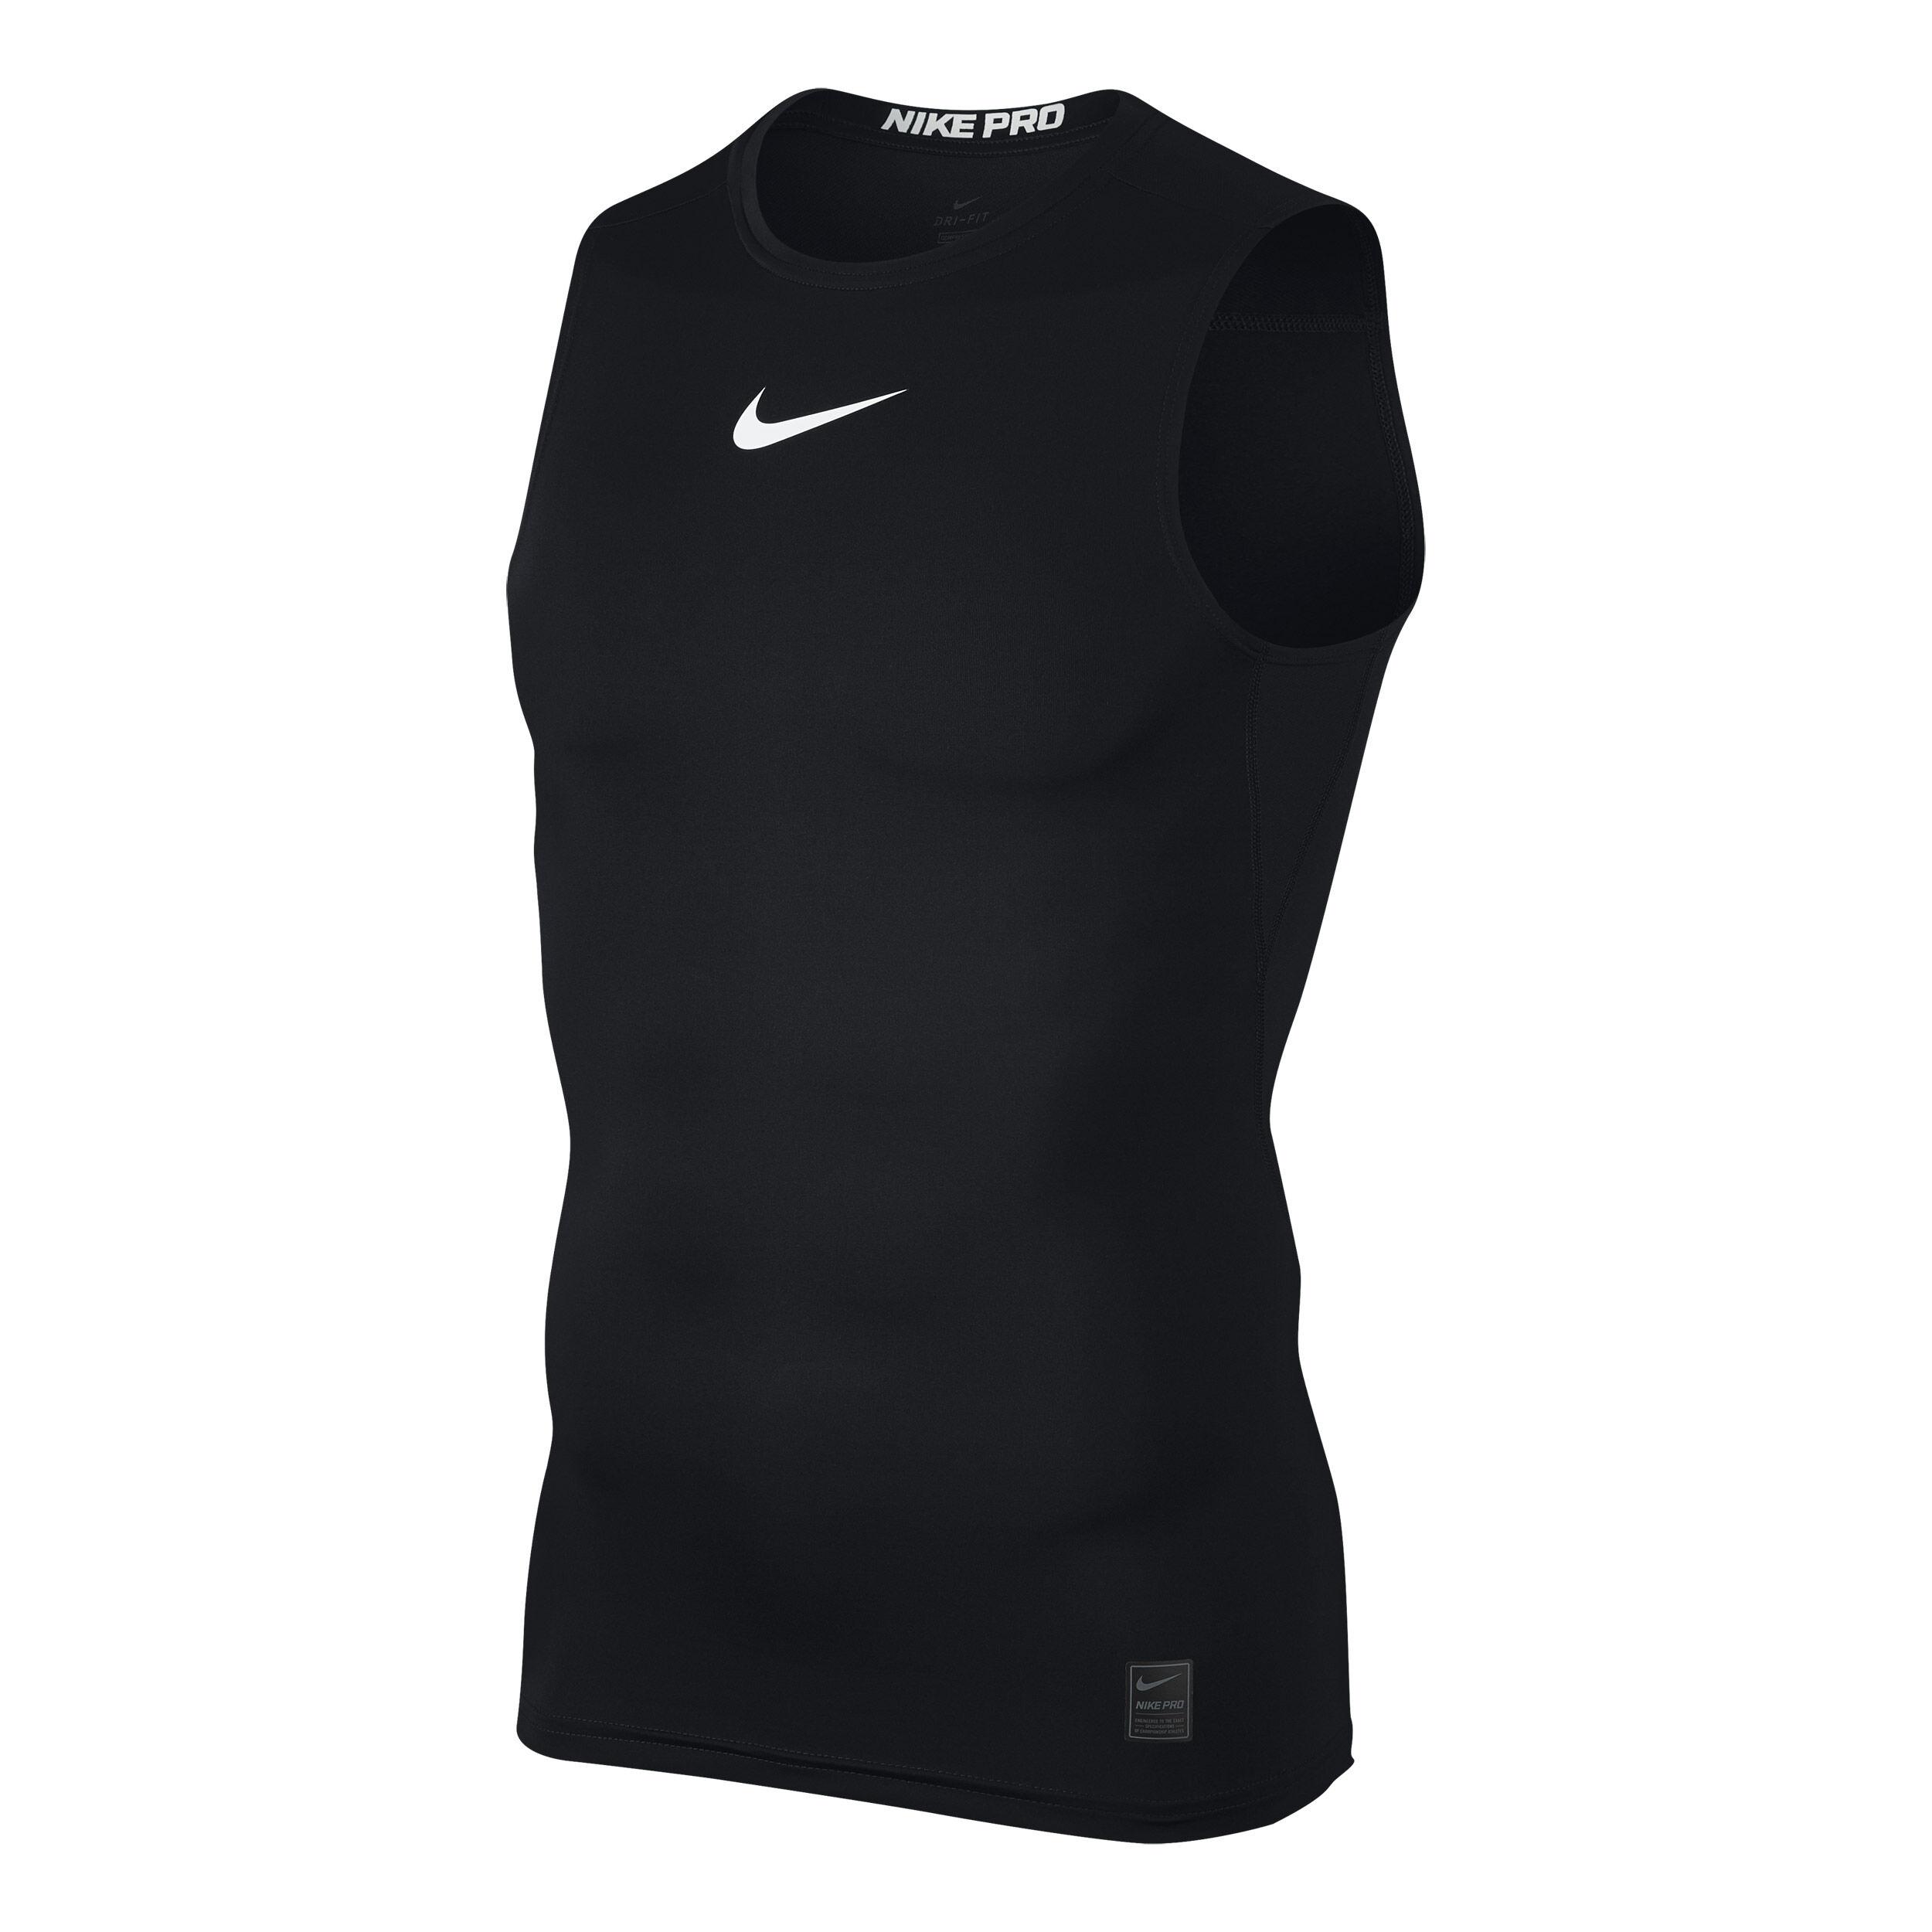 Nike Pro Tank Top Herren Schwarz, Weiß online kaufen